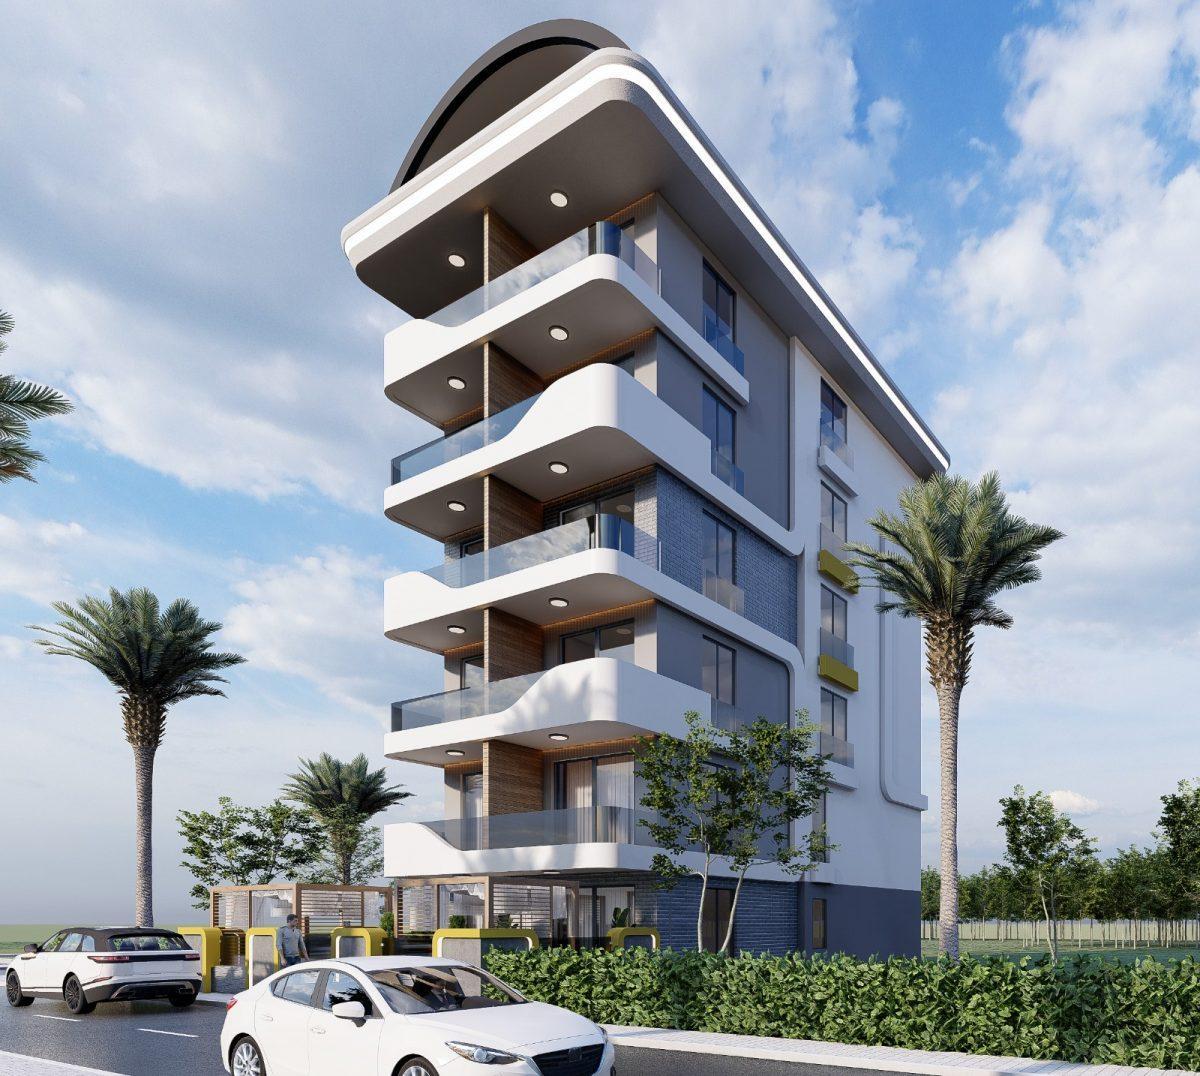 Апартаменты по выгодным ценам от застройщика в центре Алании близко к морю - Фото 3